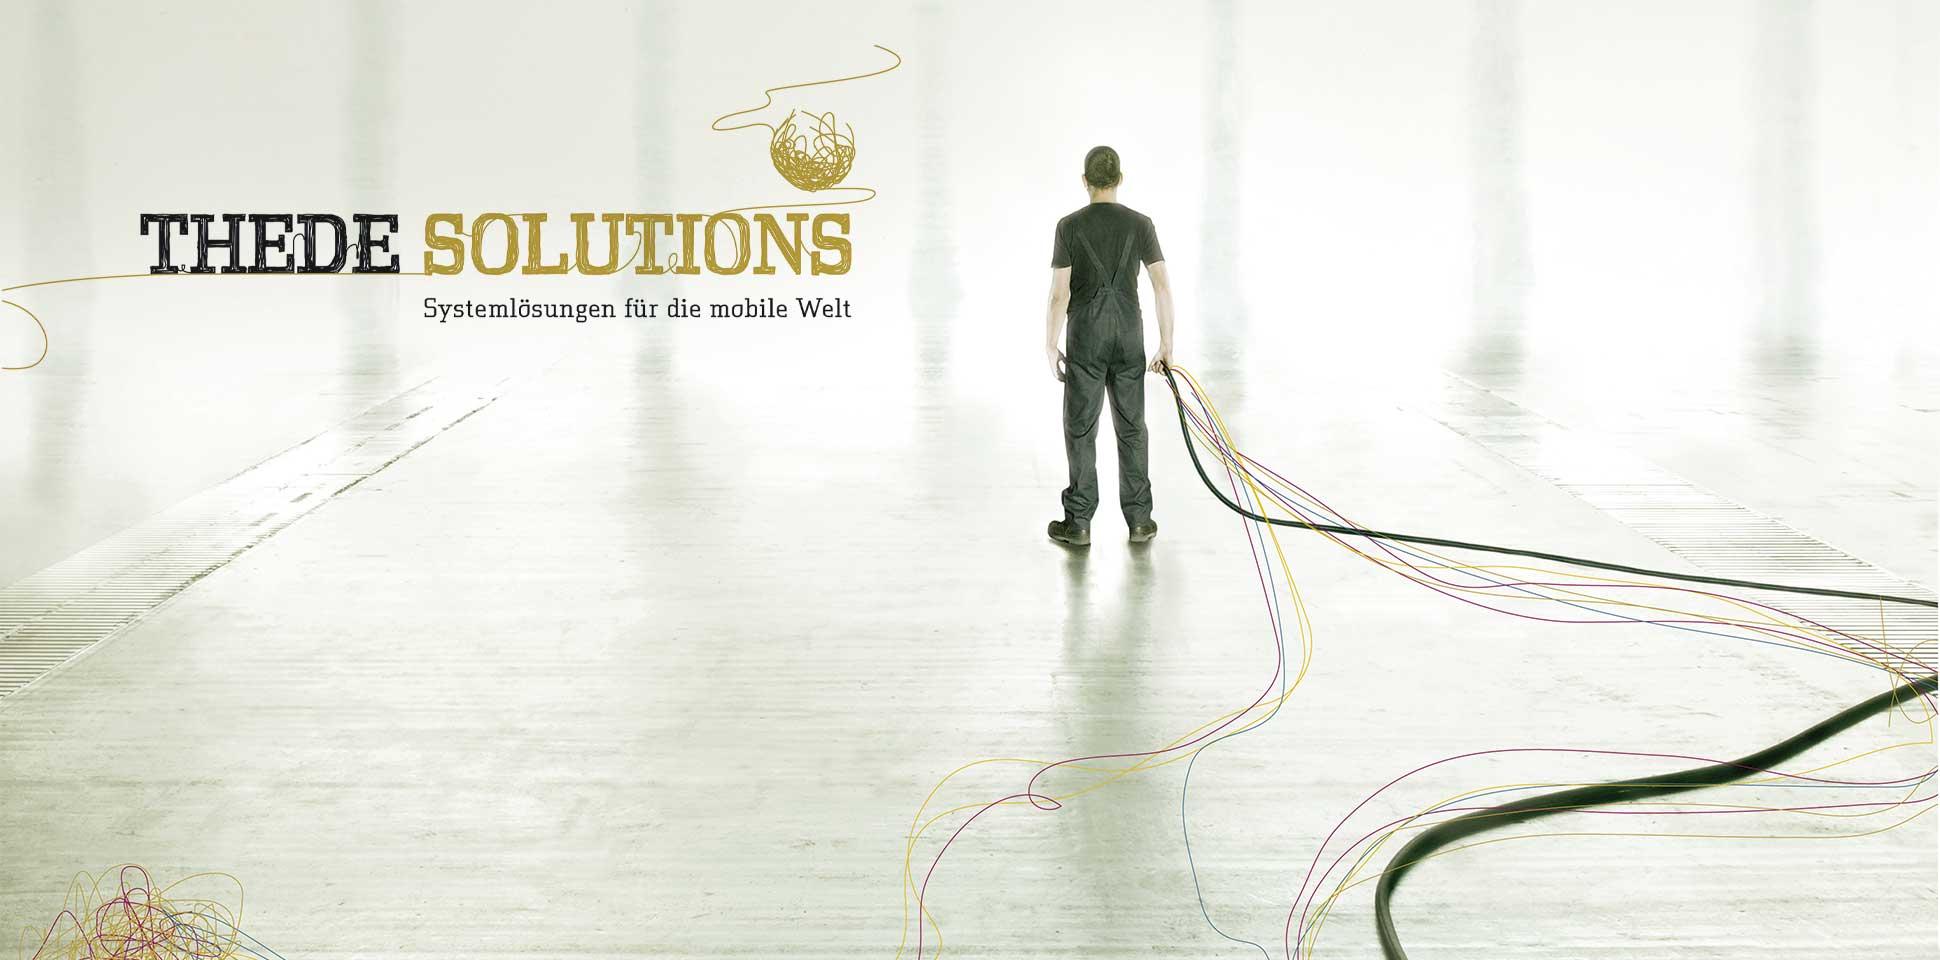 thede solutions mann-mit-kabel aufmacher polawerk